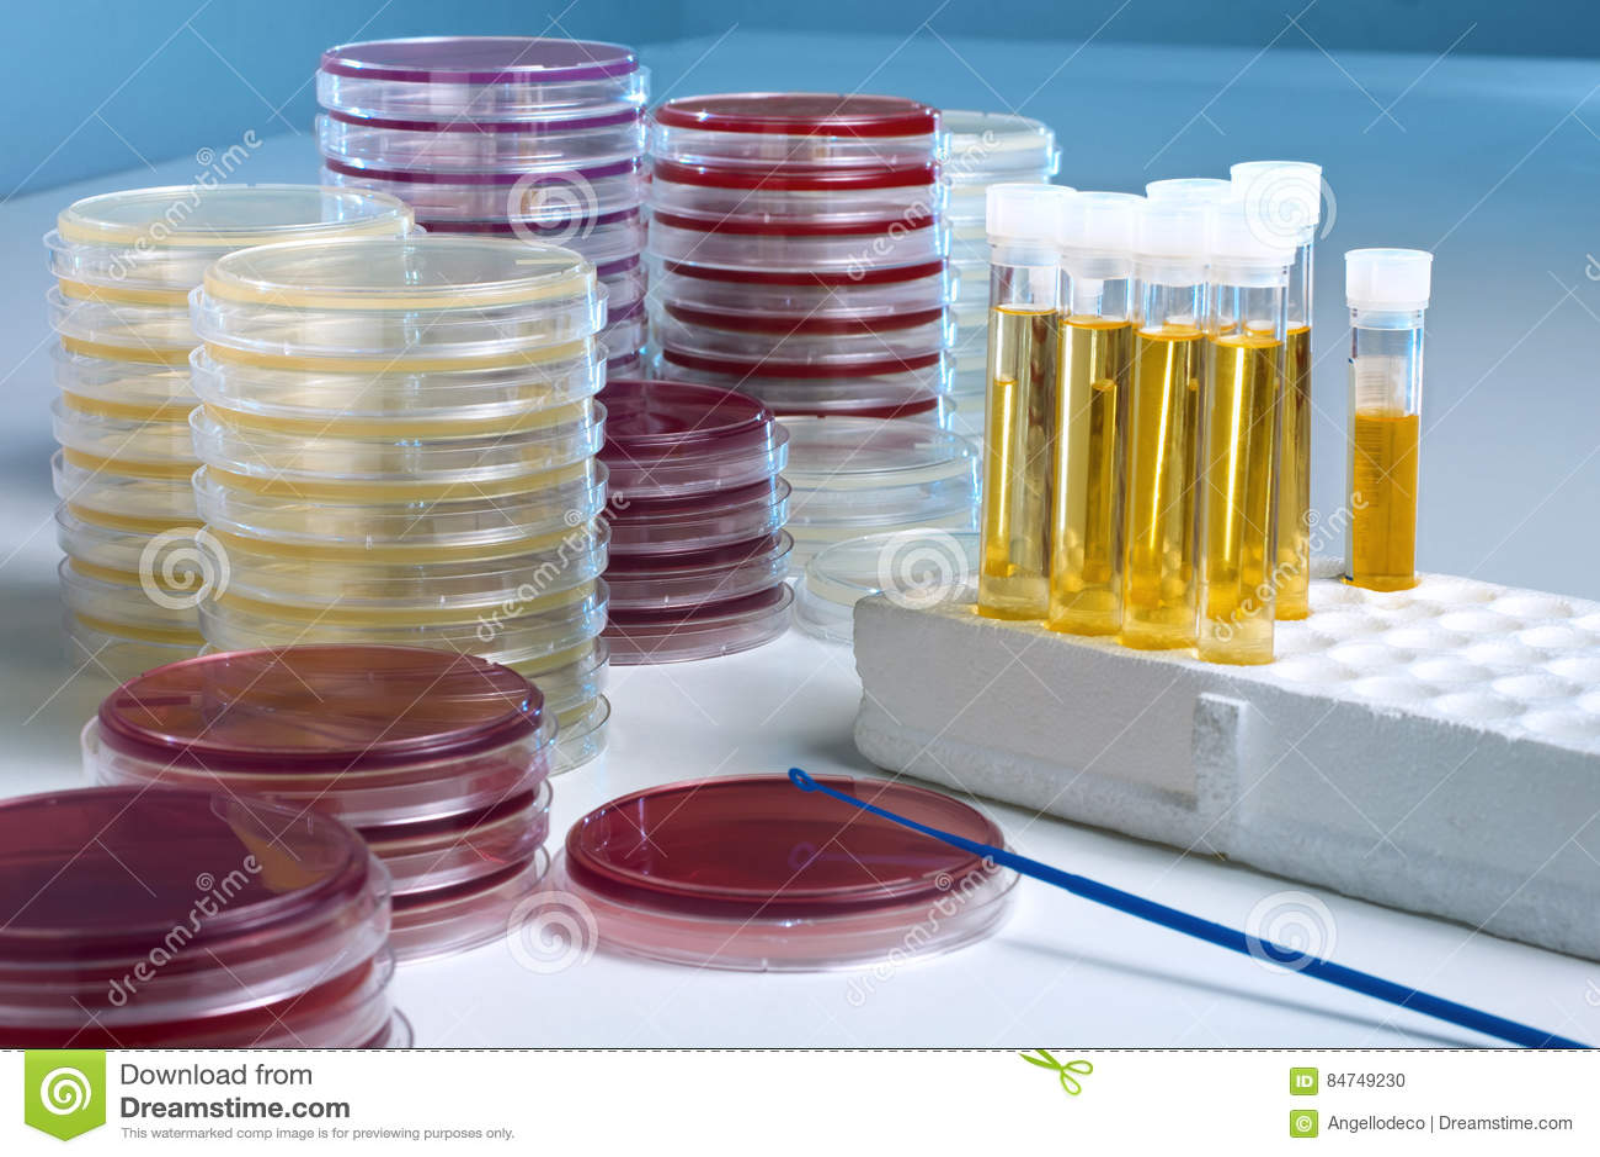 Exame cultura de urina